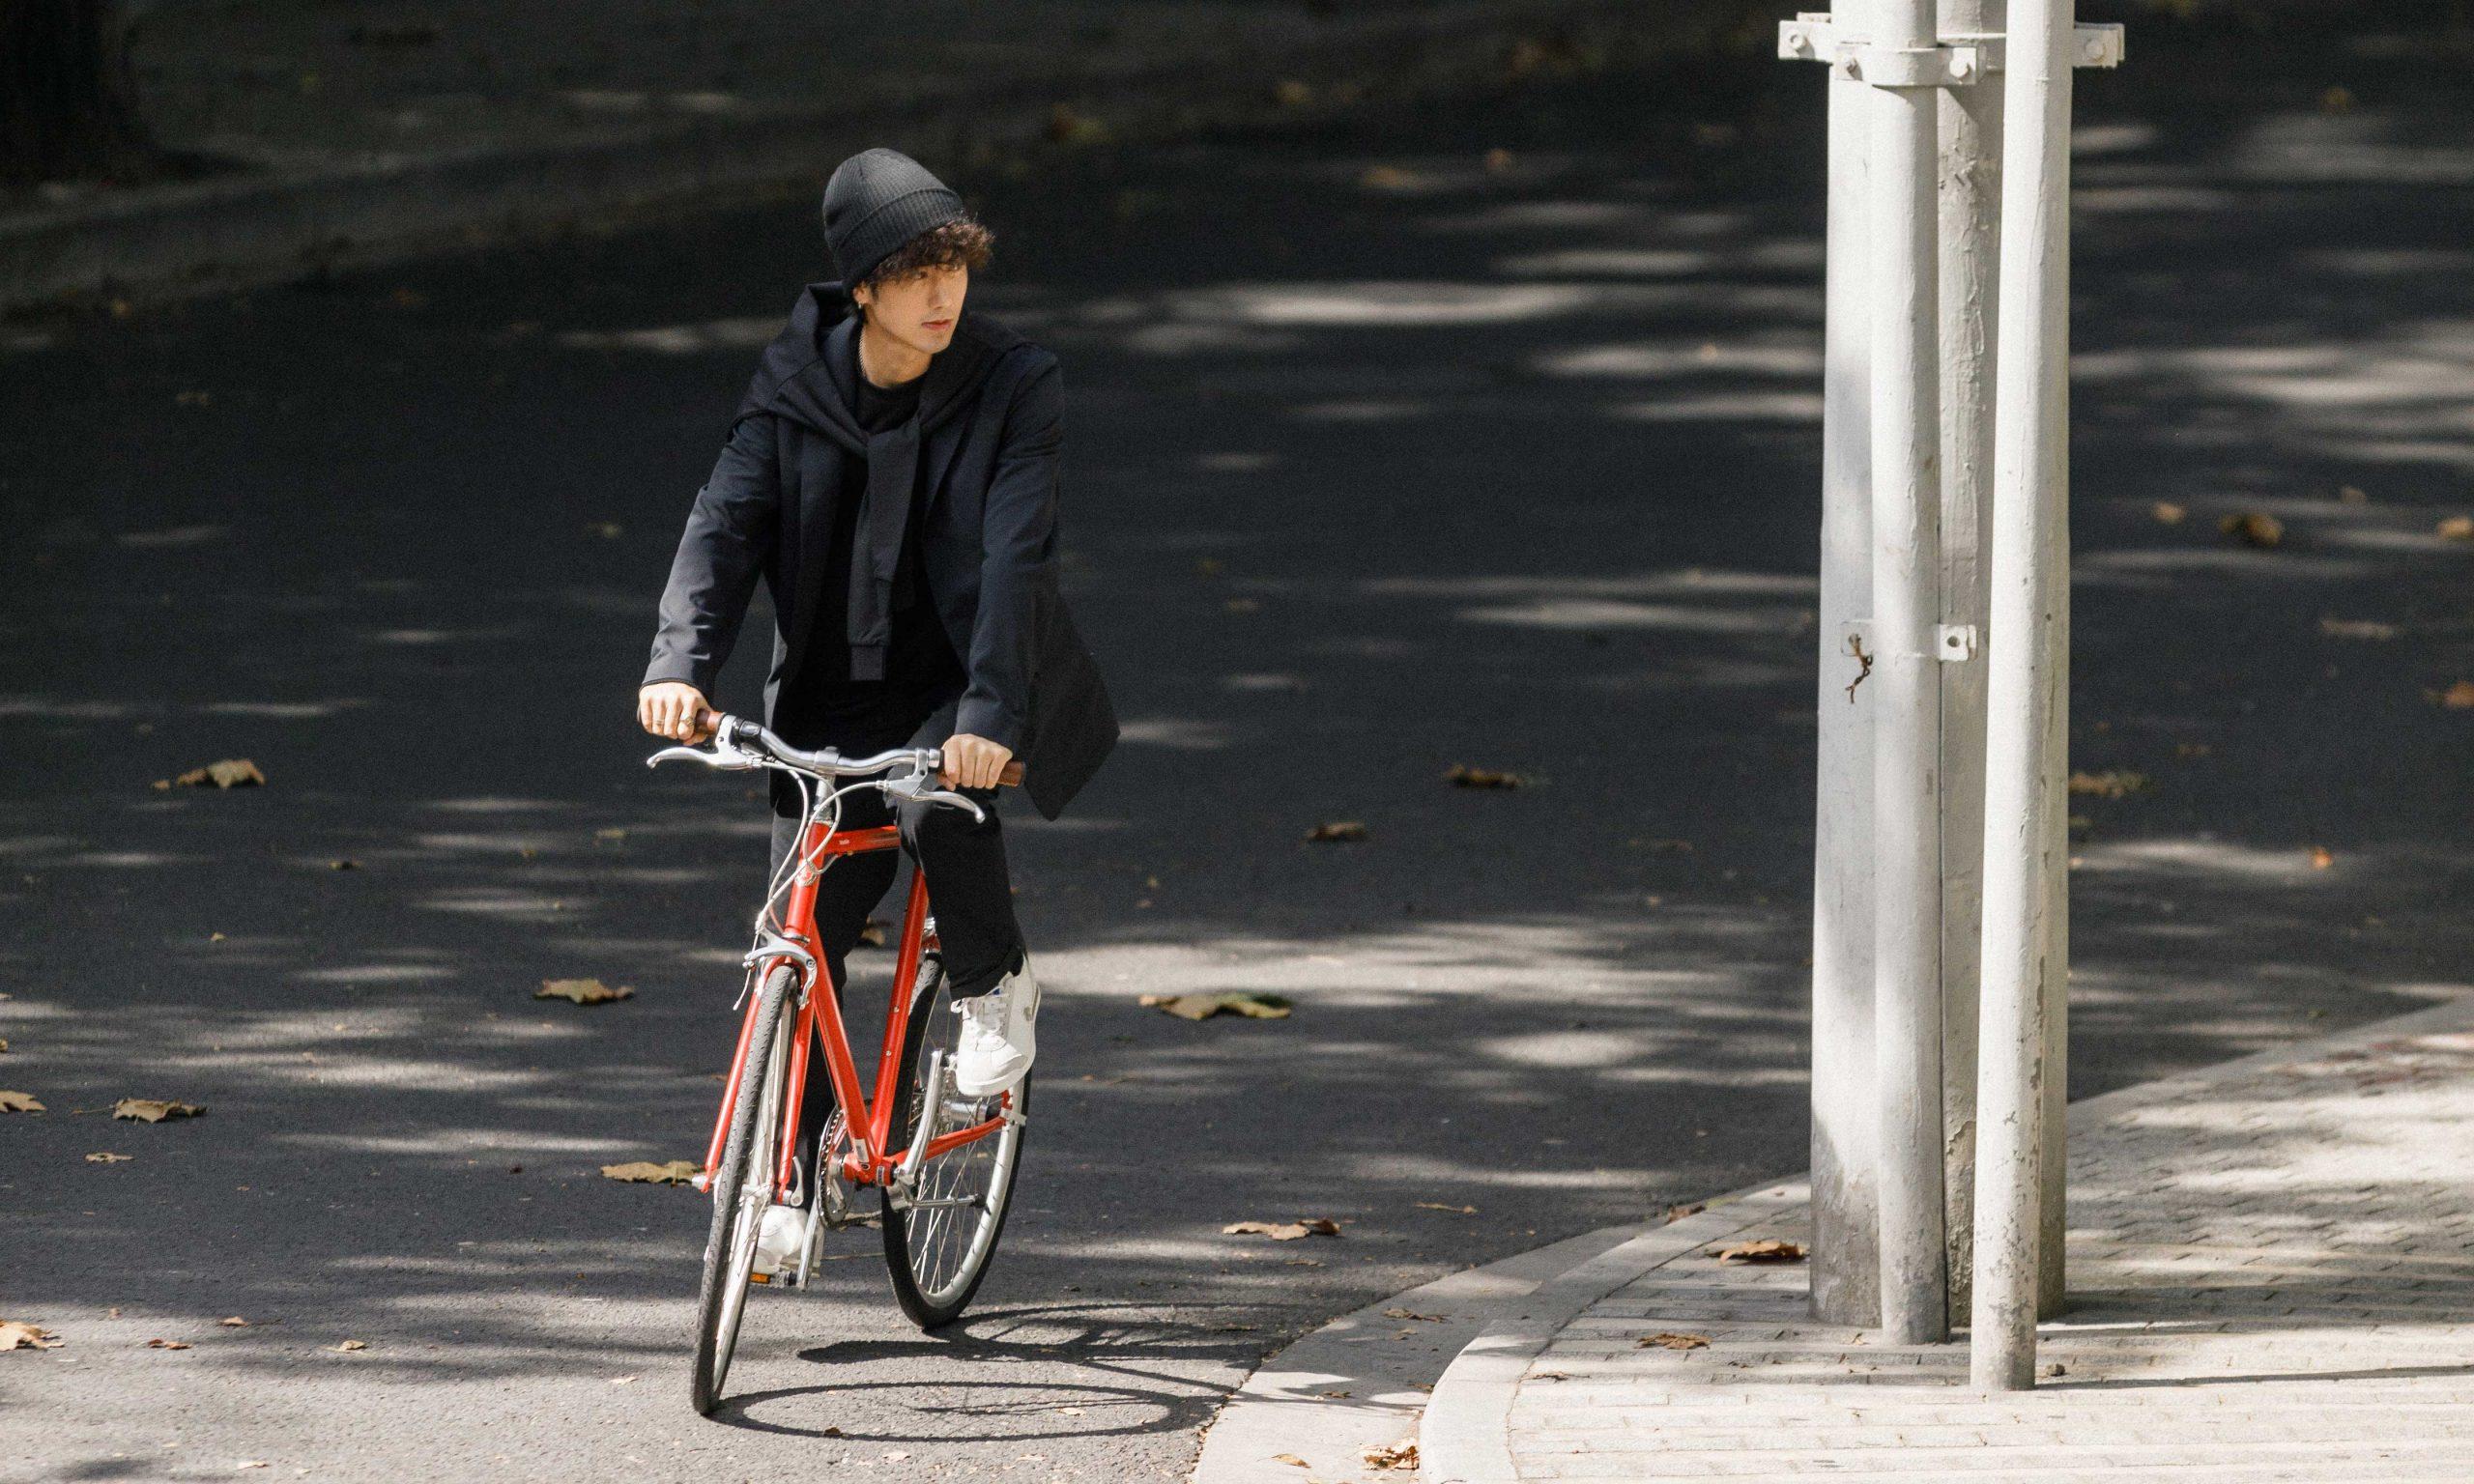 我们邀请你一同体验:上海秋日骑行风光